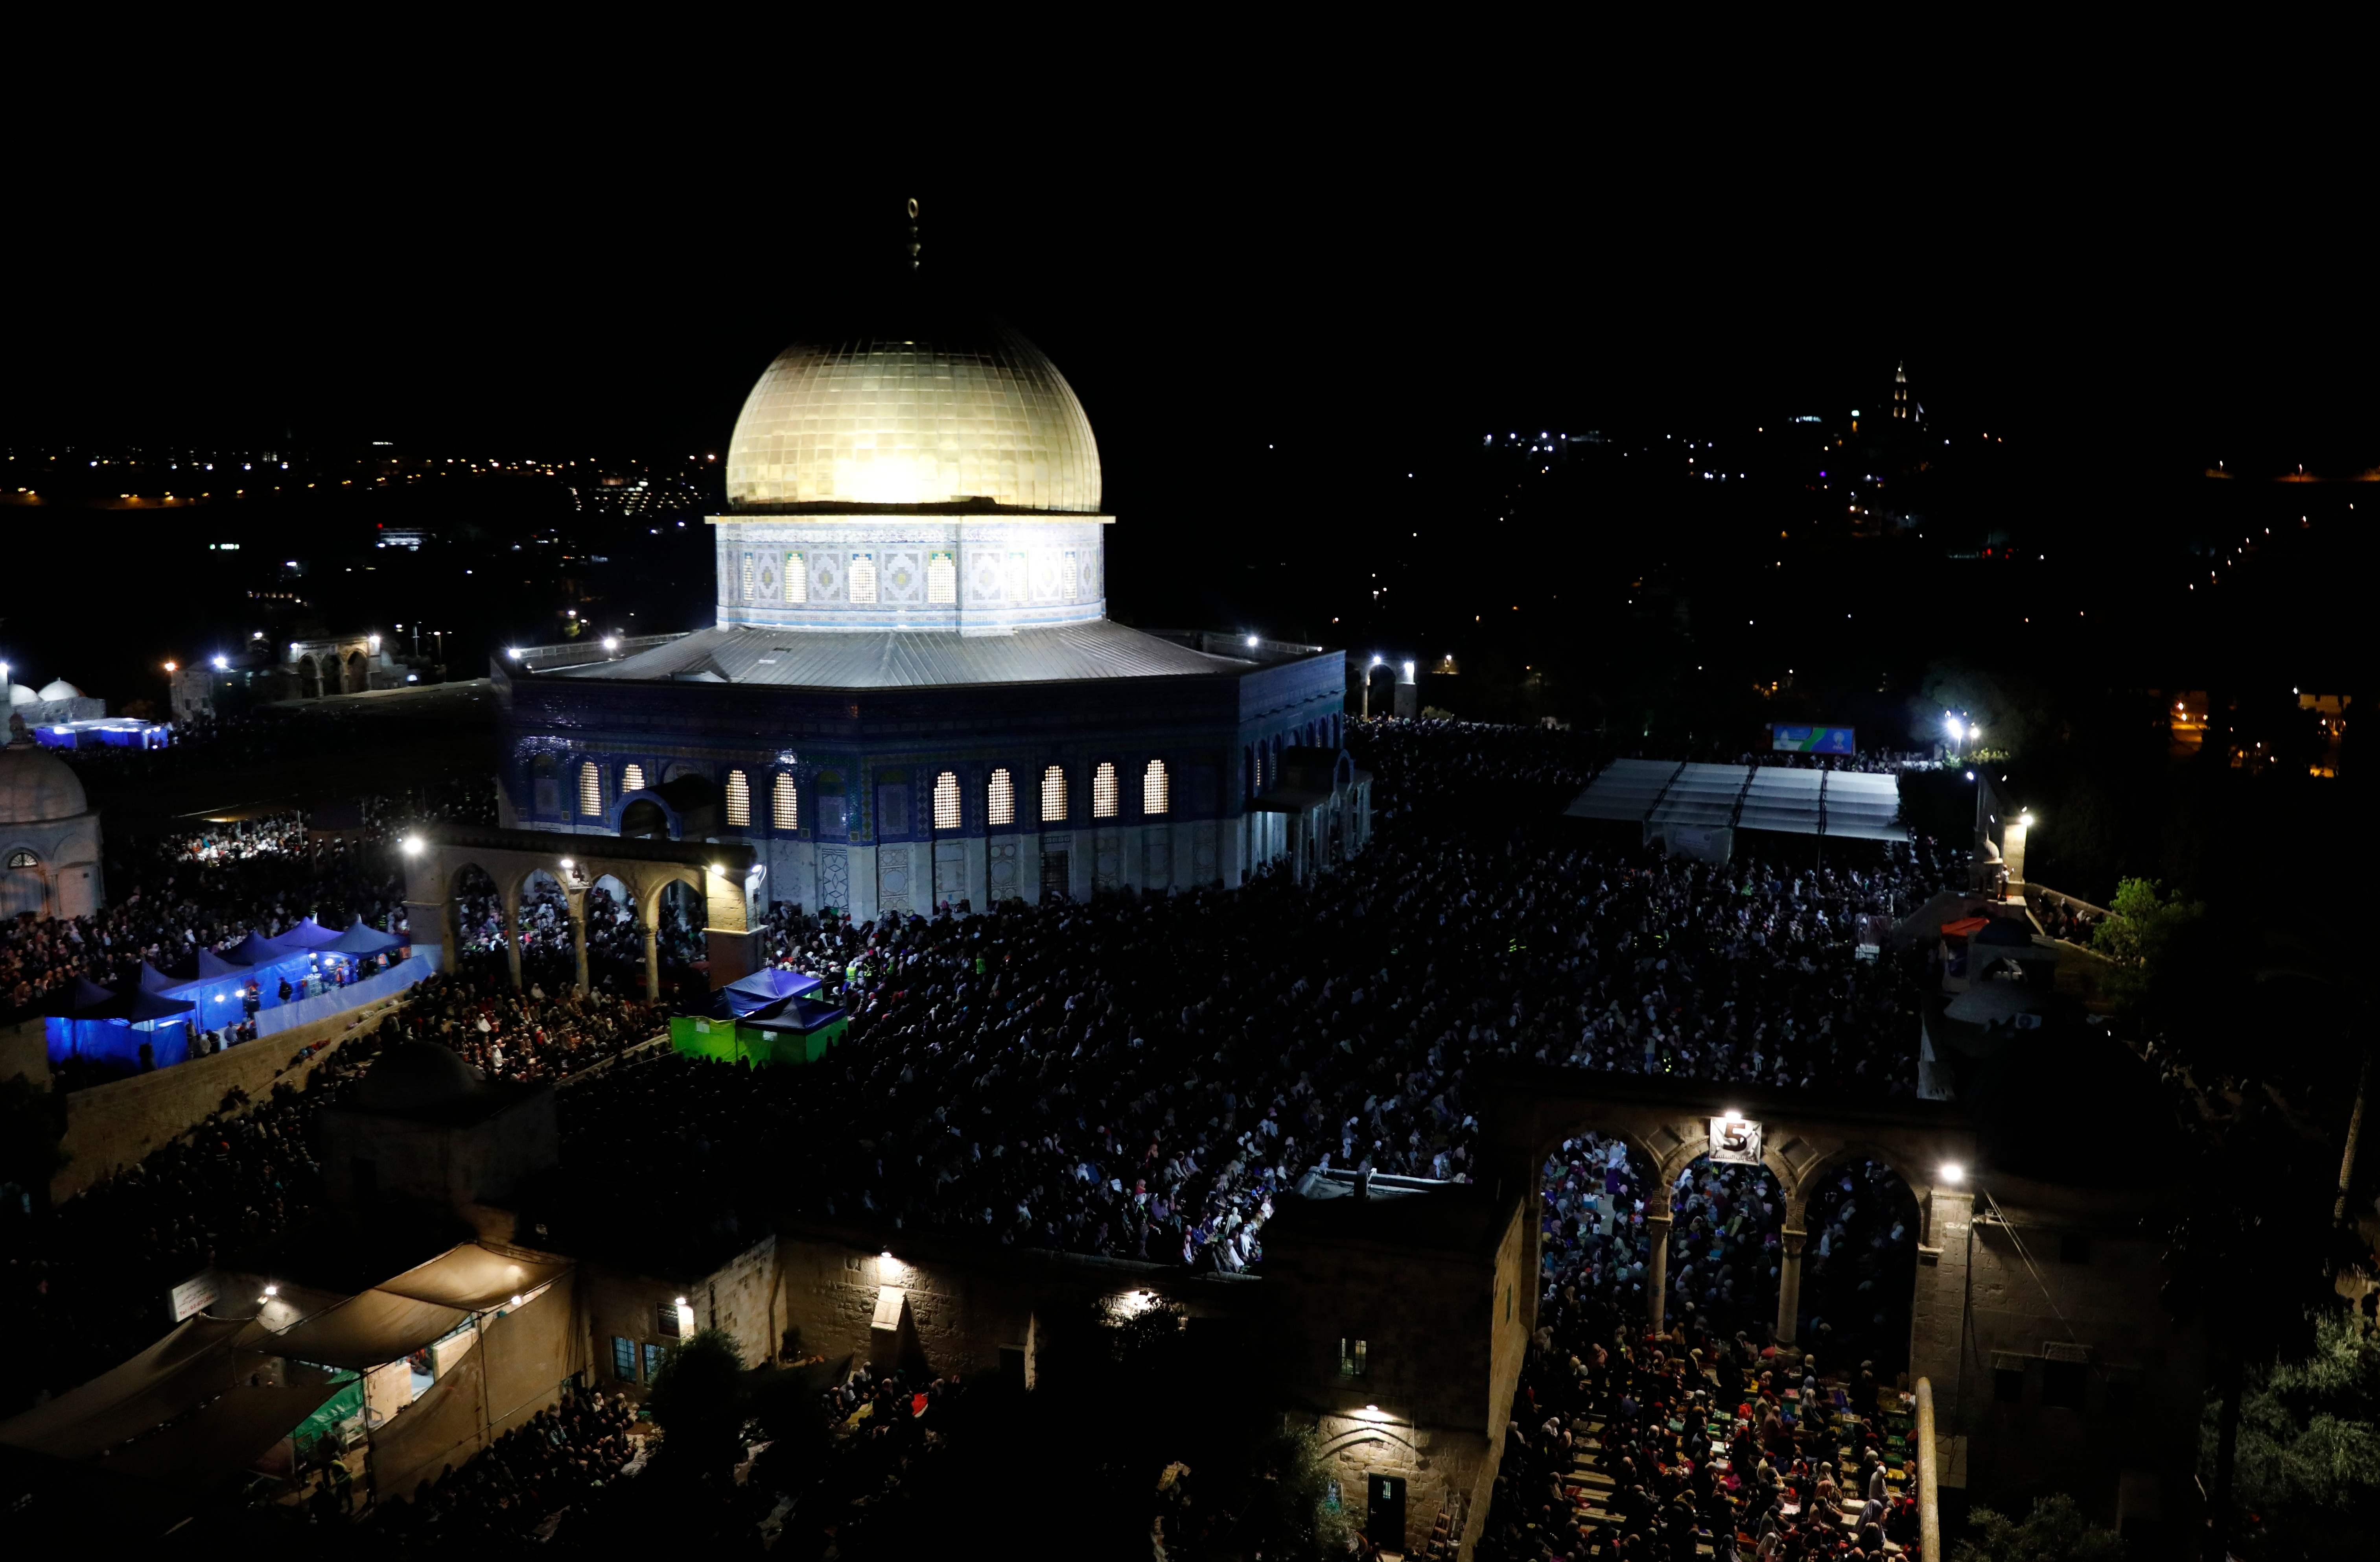 المسجد الاقصى عامر بالمصلين